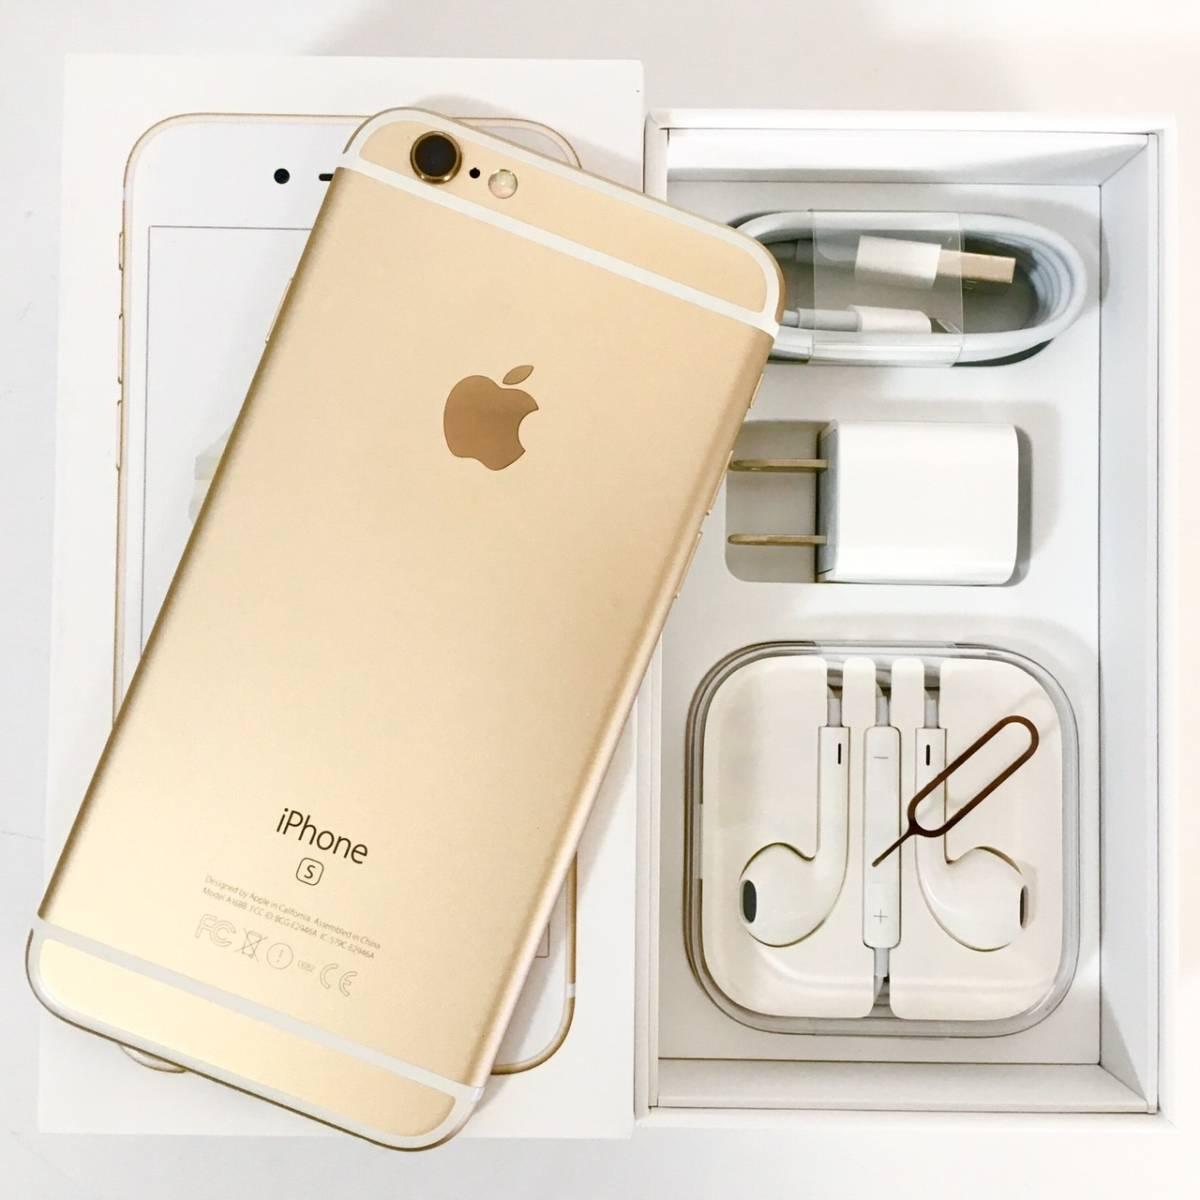 1円スタート■Apple iPhone6s 128GB ゴールド Gold sim残債無し 完済 ソフトバンク Softbank アイフォーン 新品同様 フルセット■